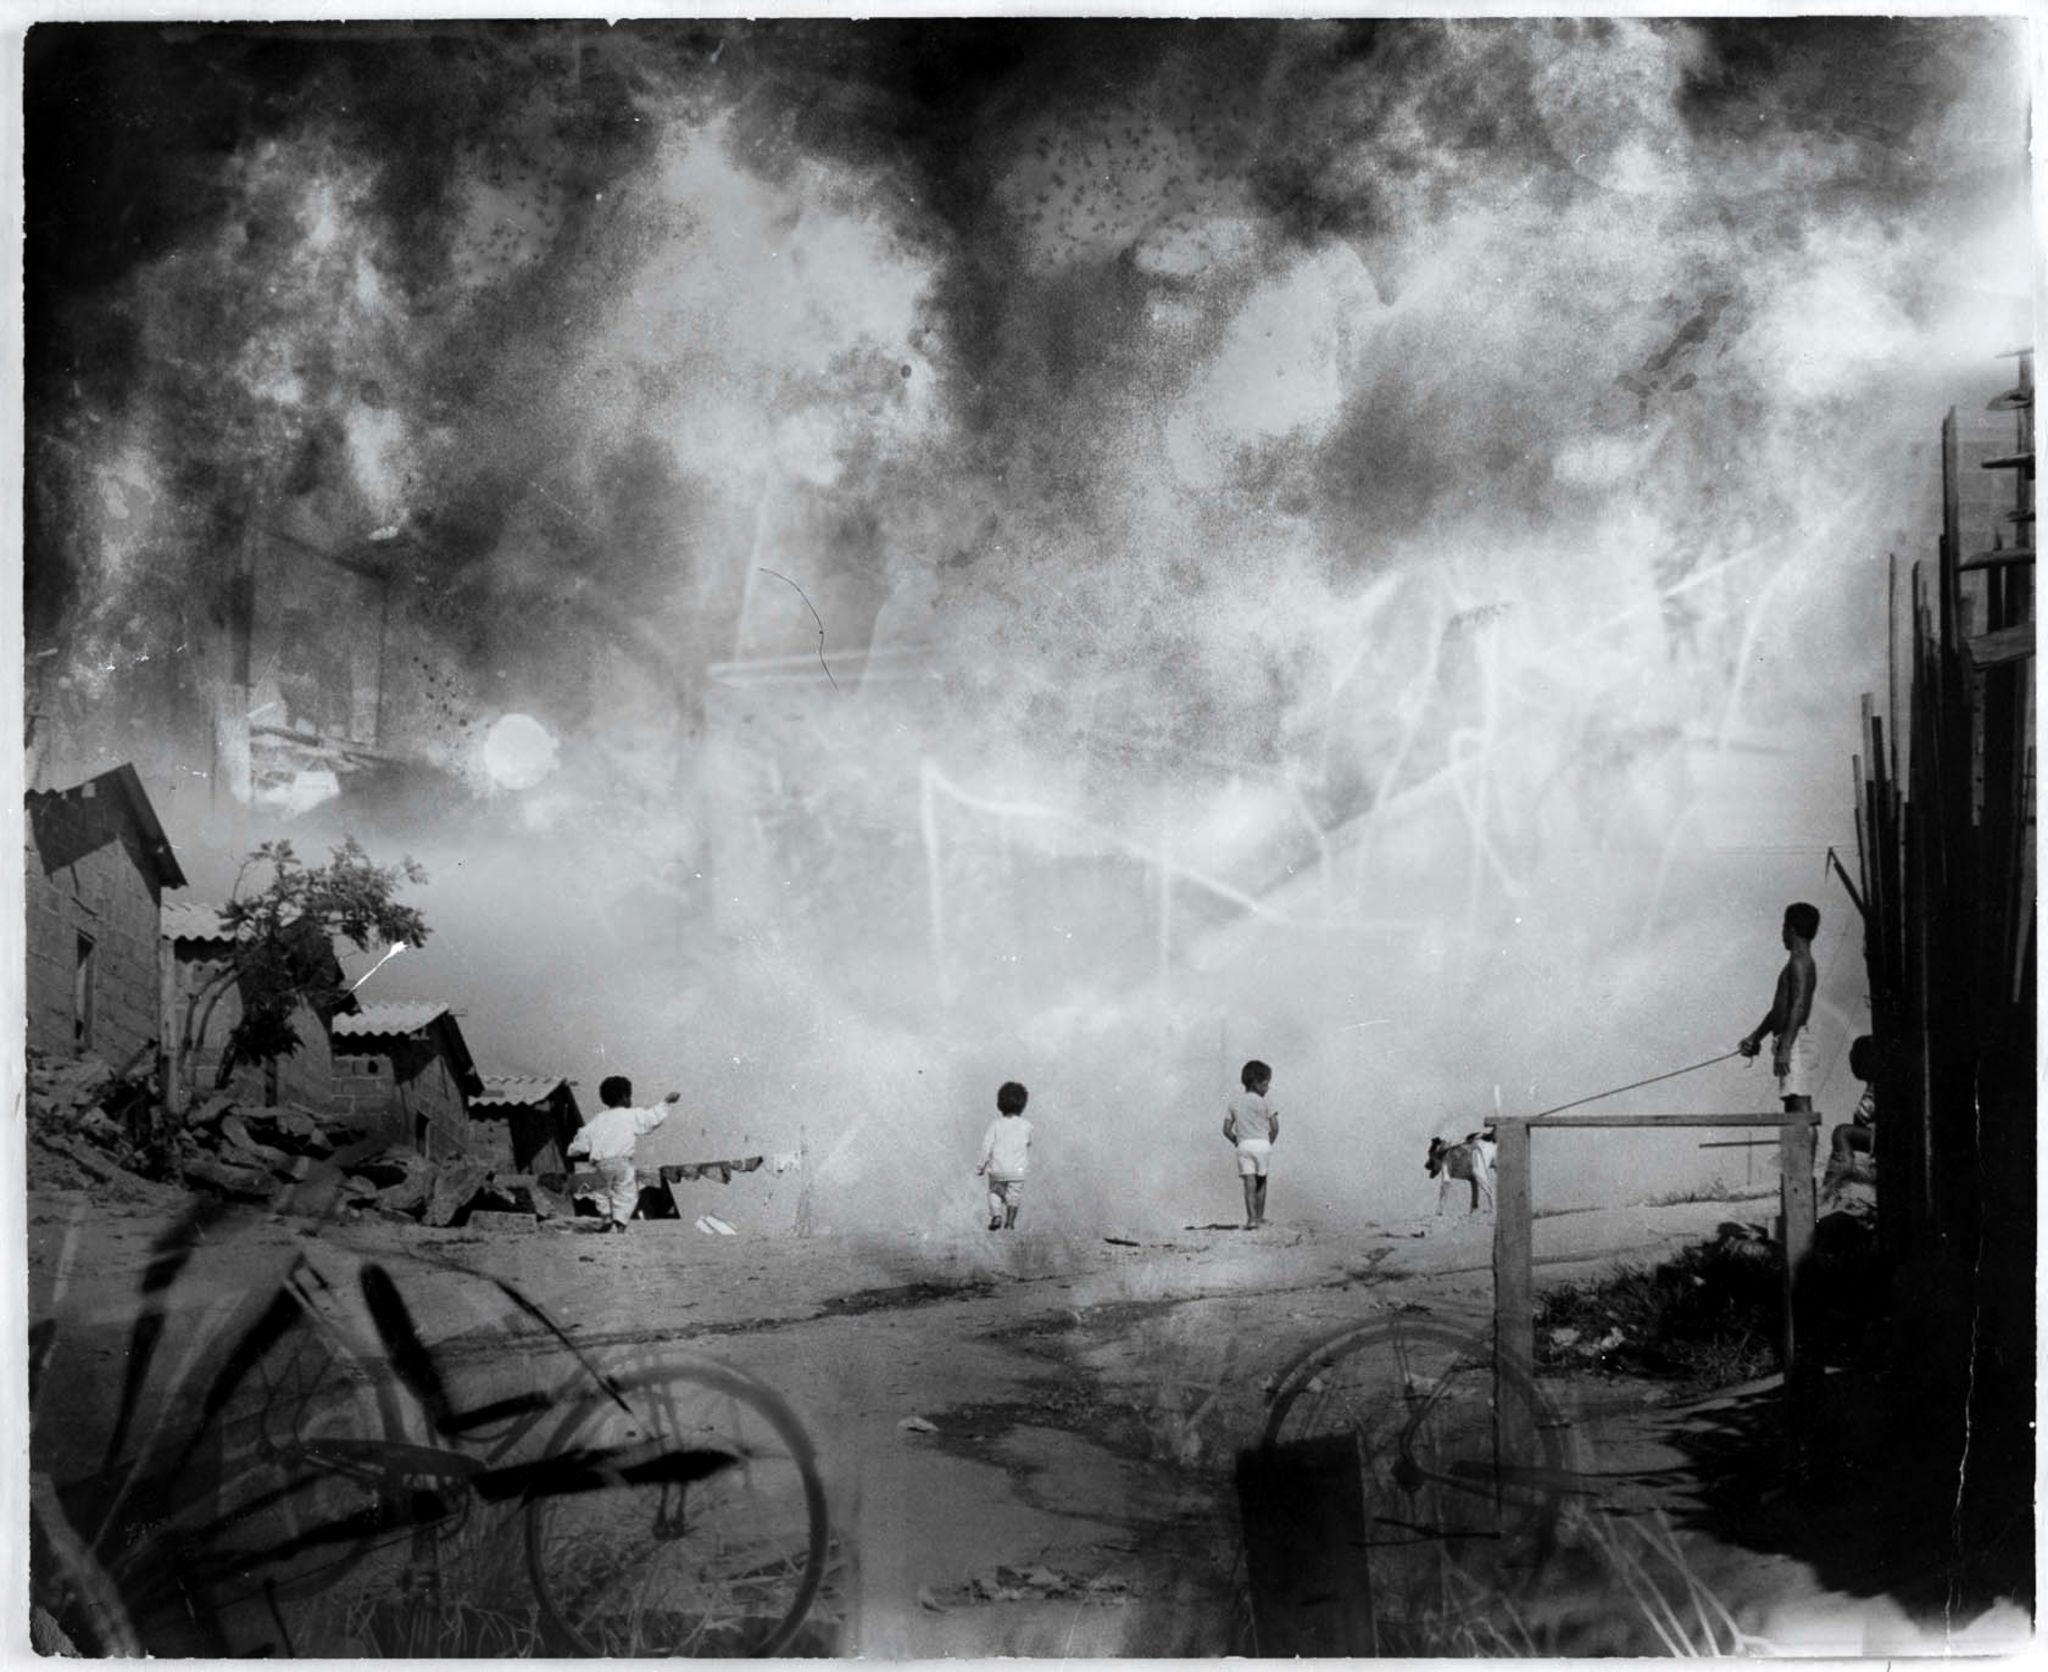 """Eustáquio Neves, da série """"Caos urbano"""", 1993"""